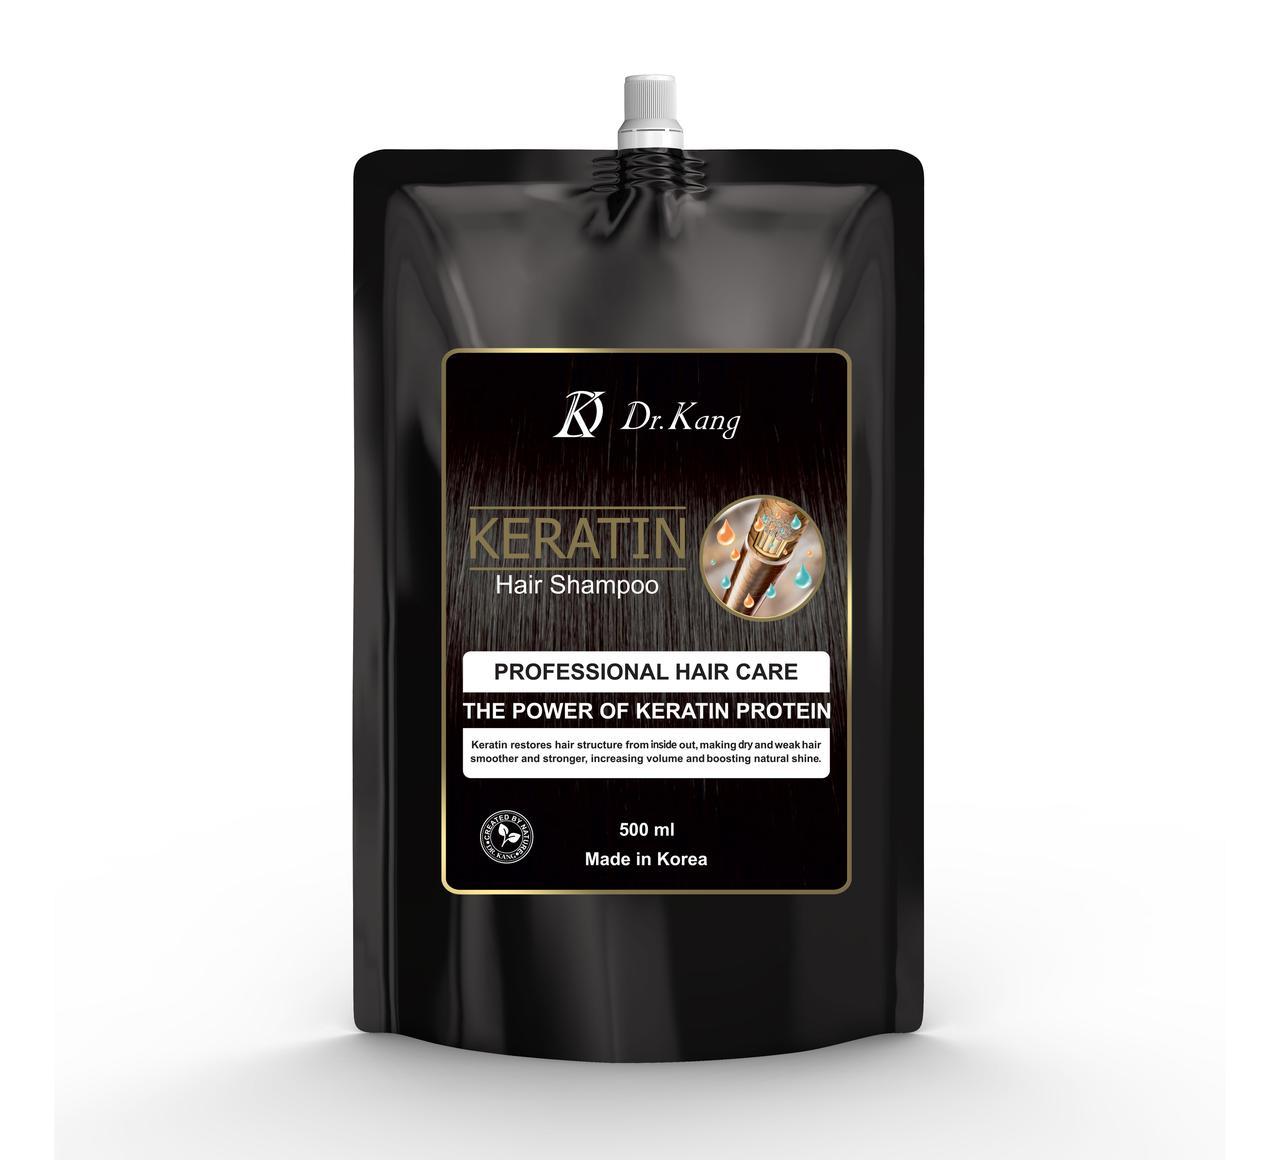 DR. KANG KERATIN PROFESSIONAL HAIR SHAMPOO – Профессиональный шампунь с Кератином 500мл